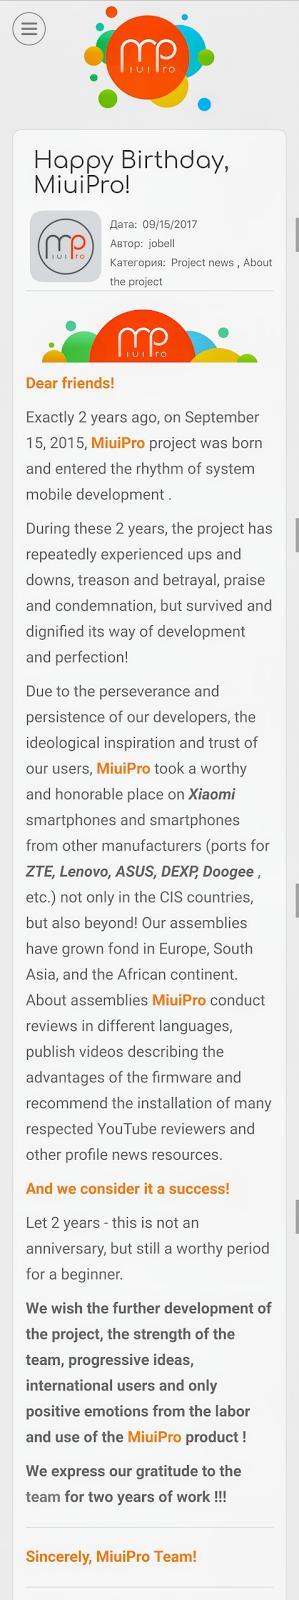 Mi MiuiPro ROM Report